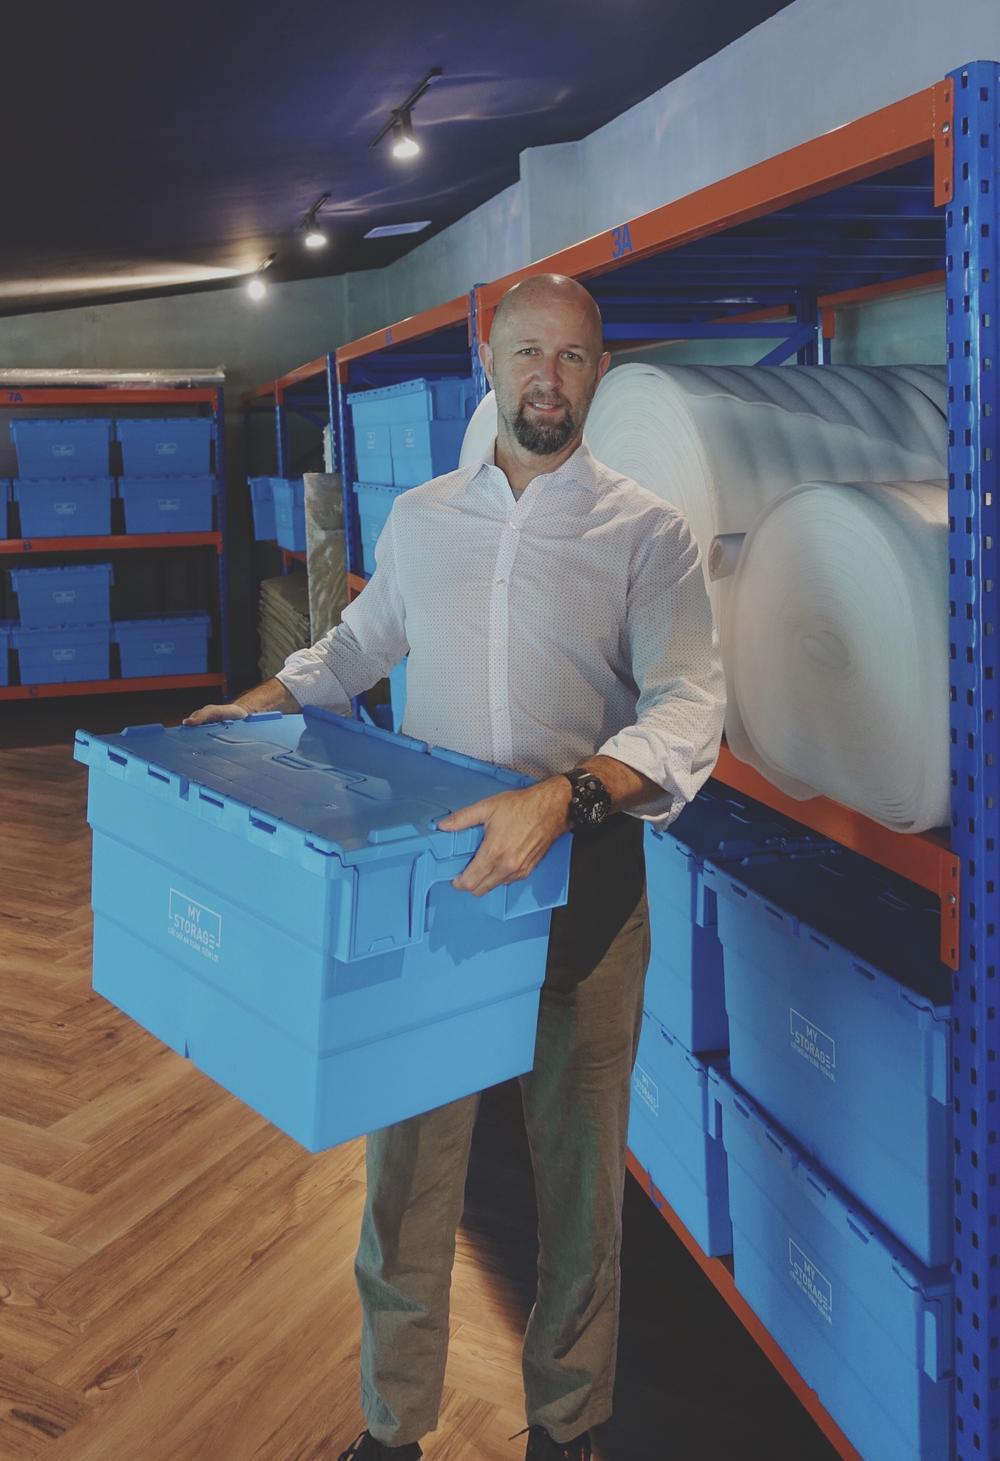 MyStorage và câu chuyện khởi nghiệp dịch vụ cho thuê kho lưu trữ đầu tiên tại TP.HCM Ảnh 5